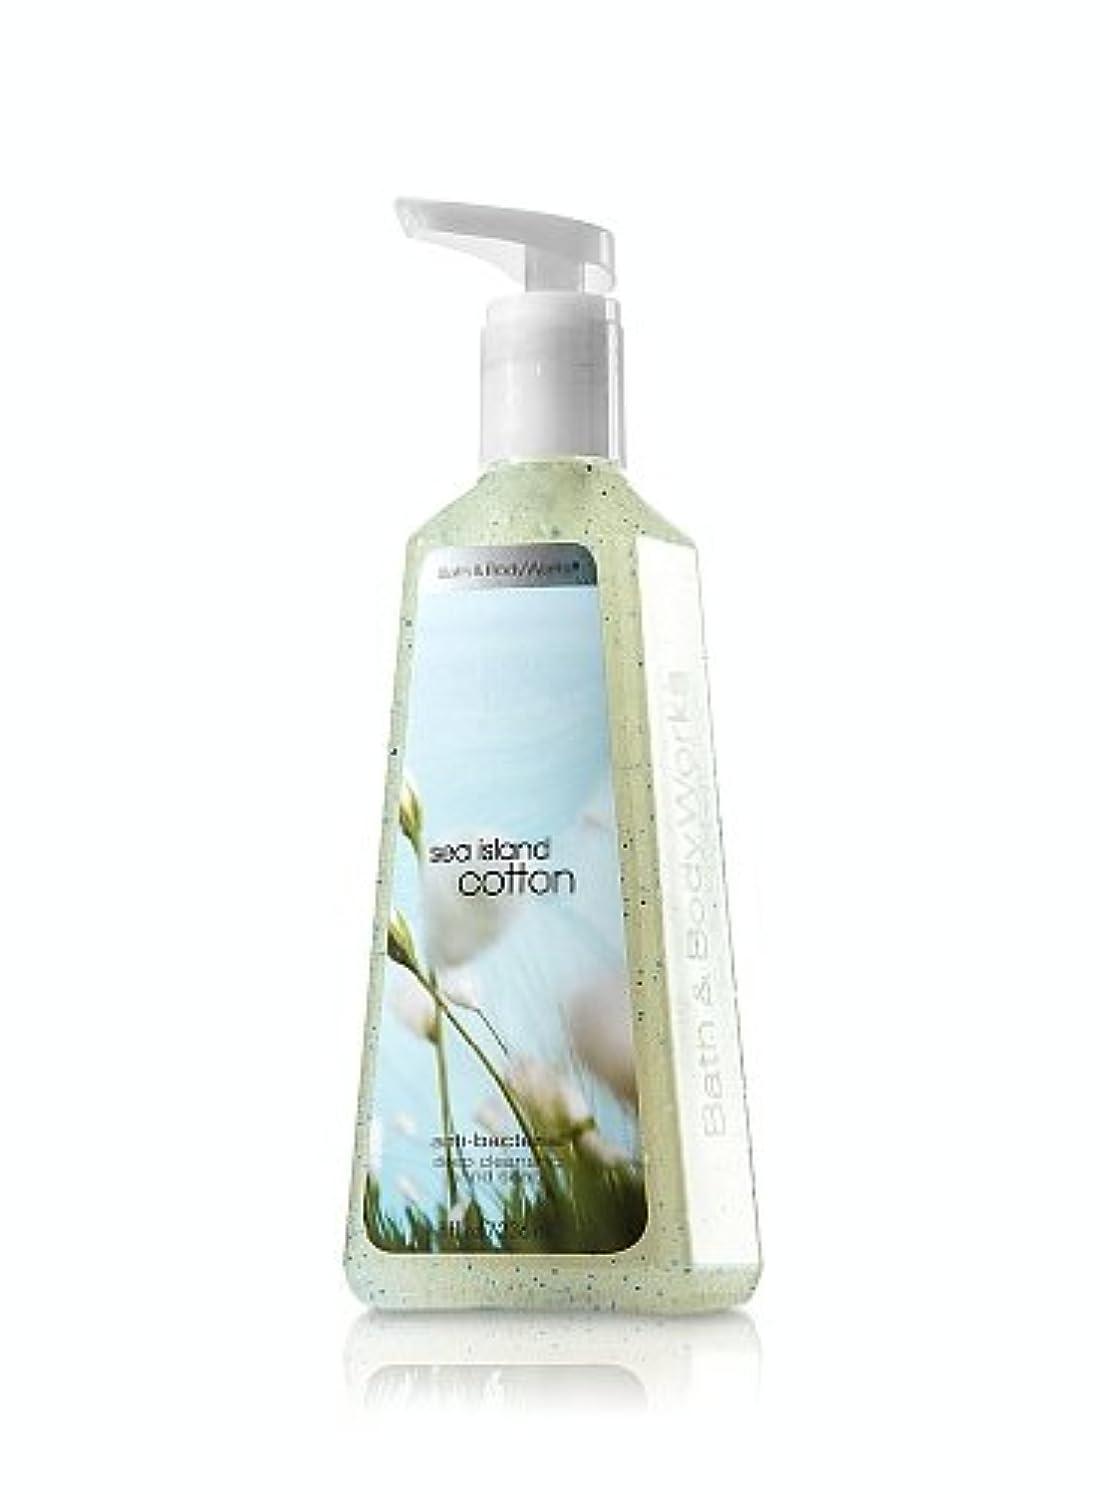 豆腐睡眠マインドバス&ボディワークス シーアイランドコットン ディープクレンジングハンドソープ Sea Island Cotton Deep Cleansing Hand Soap [並行輸入品]